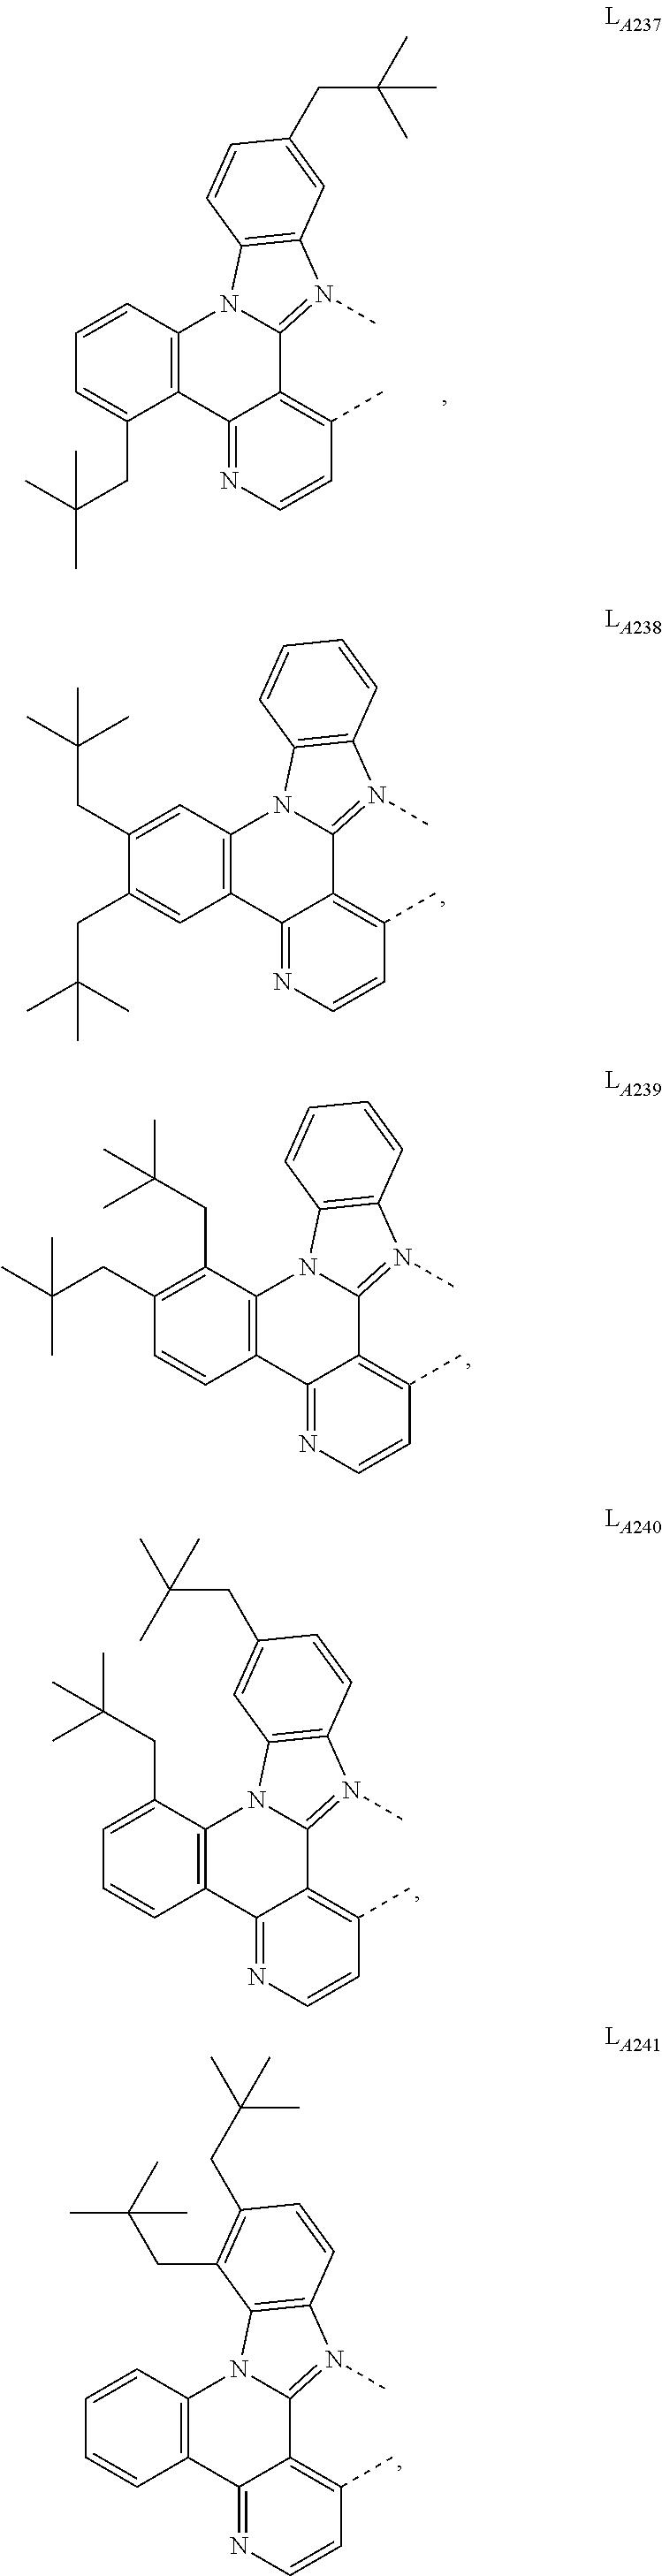 Figure US09905785-20180227-C00475